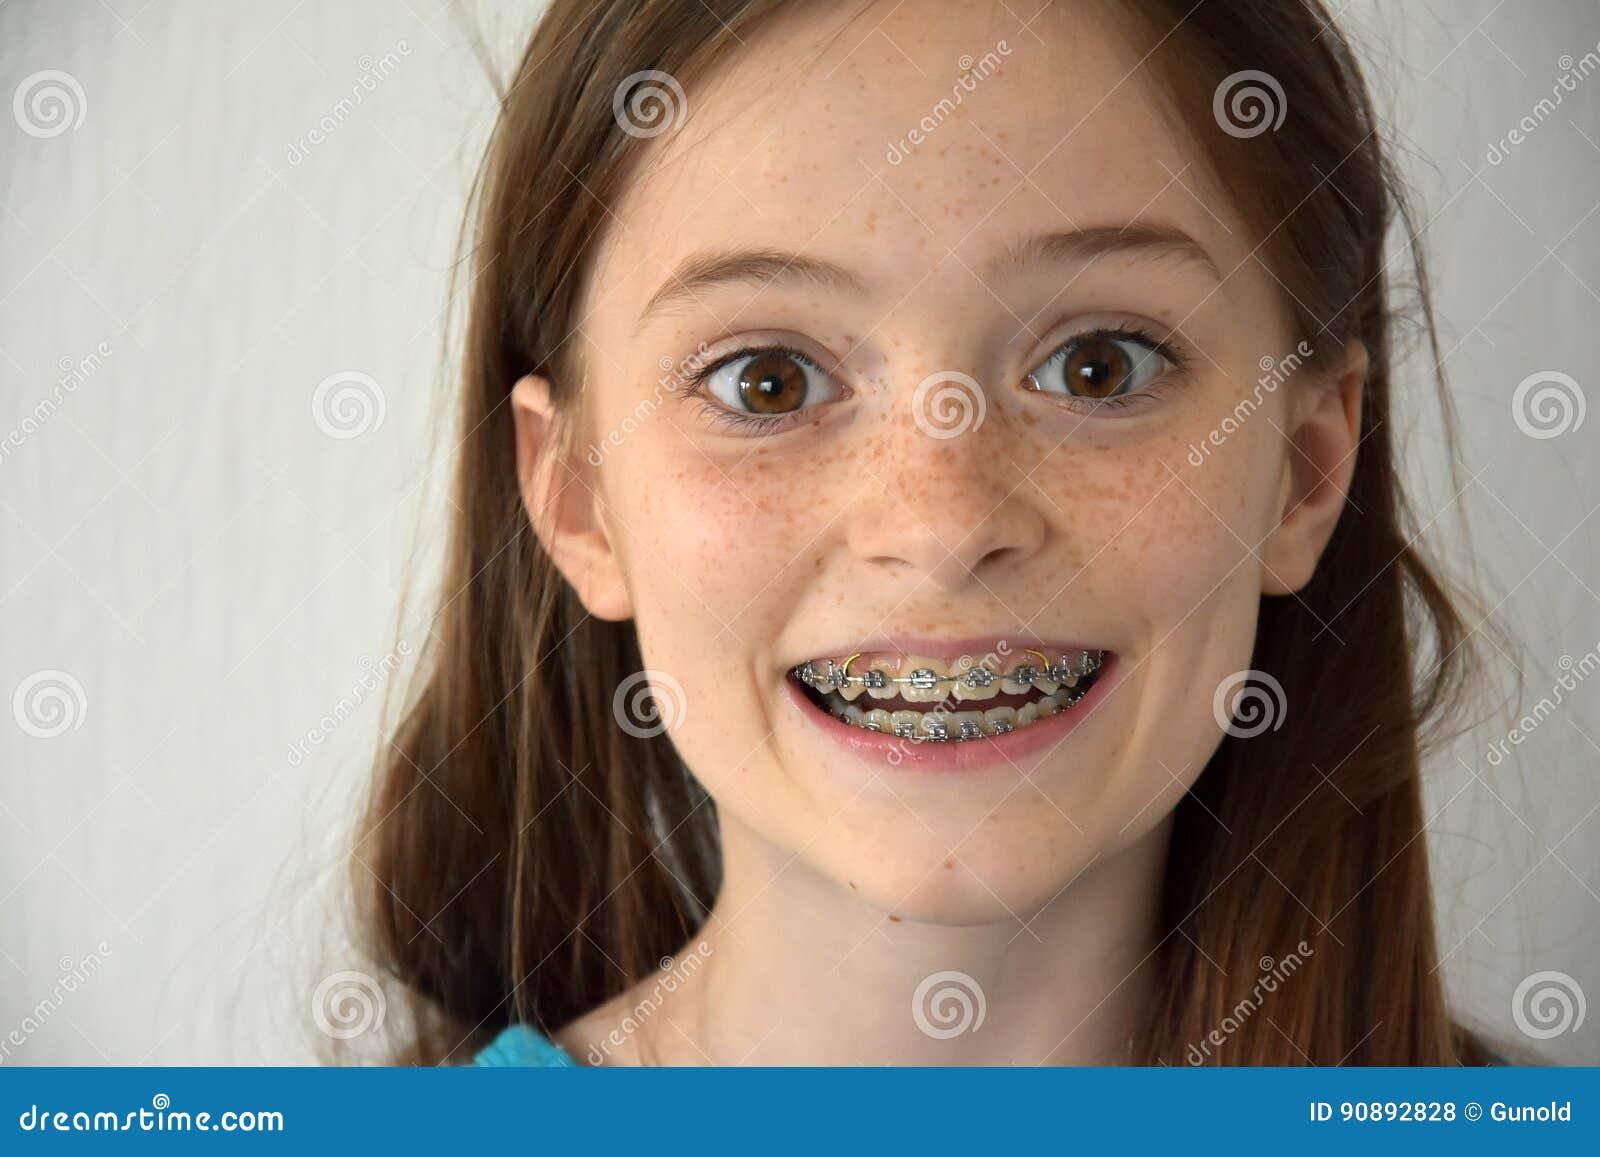 Fille avec des bagues dentaires